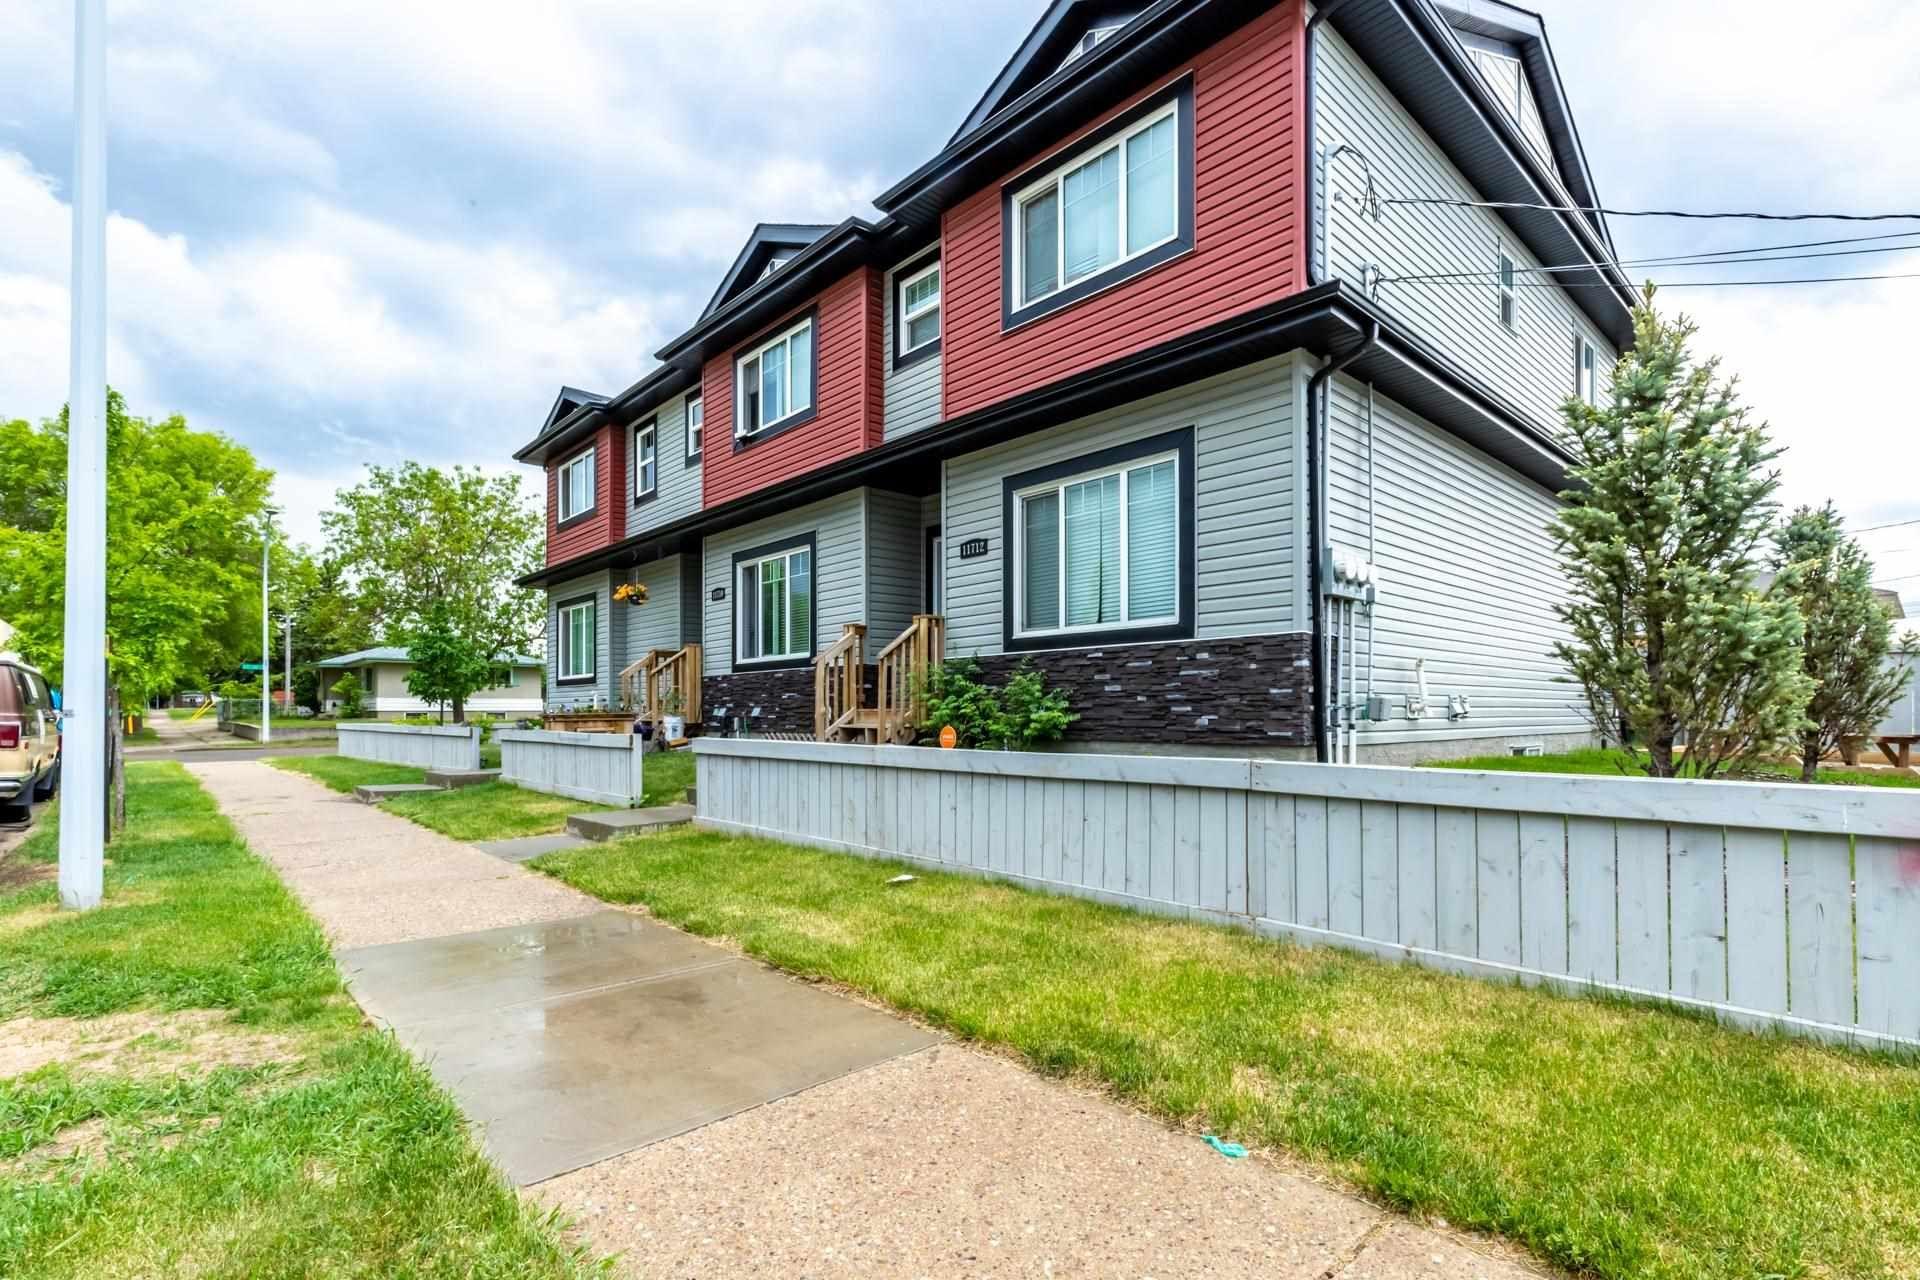 Main Photo: 4002 117 Avenue in Edmonton: Zone 23 House Triplex for sale : MLS®# E4249819